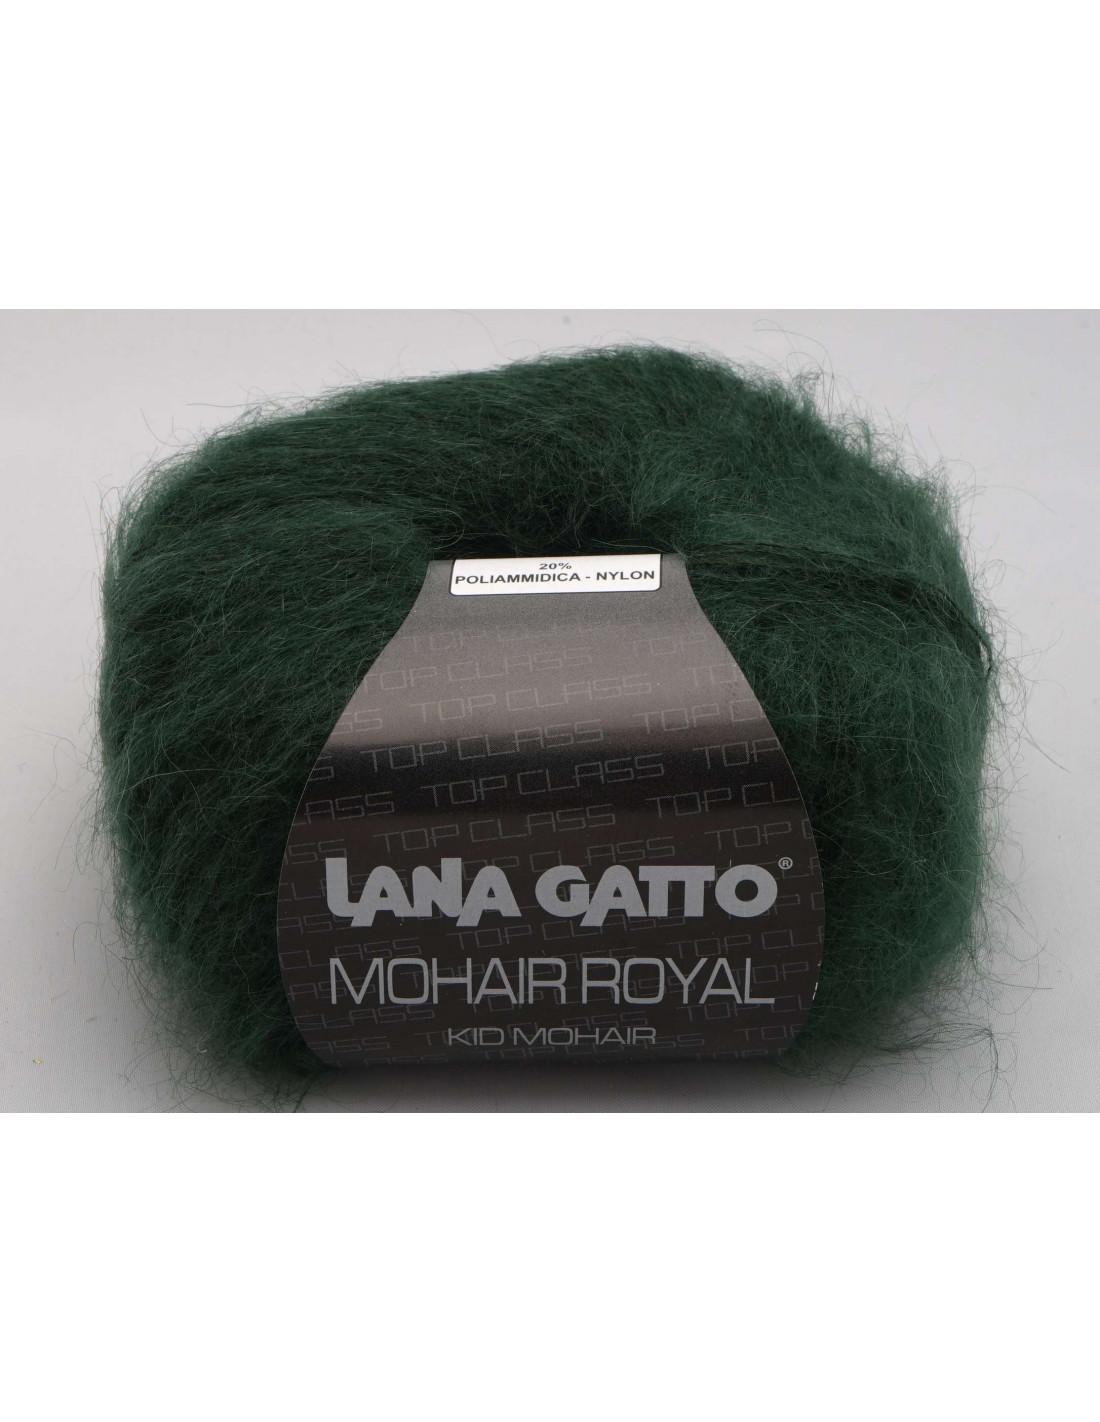 Art mohair royal lana gatto80